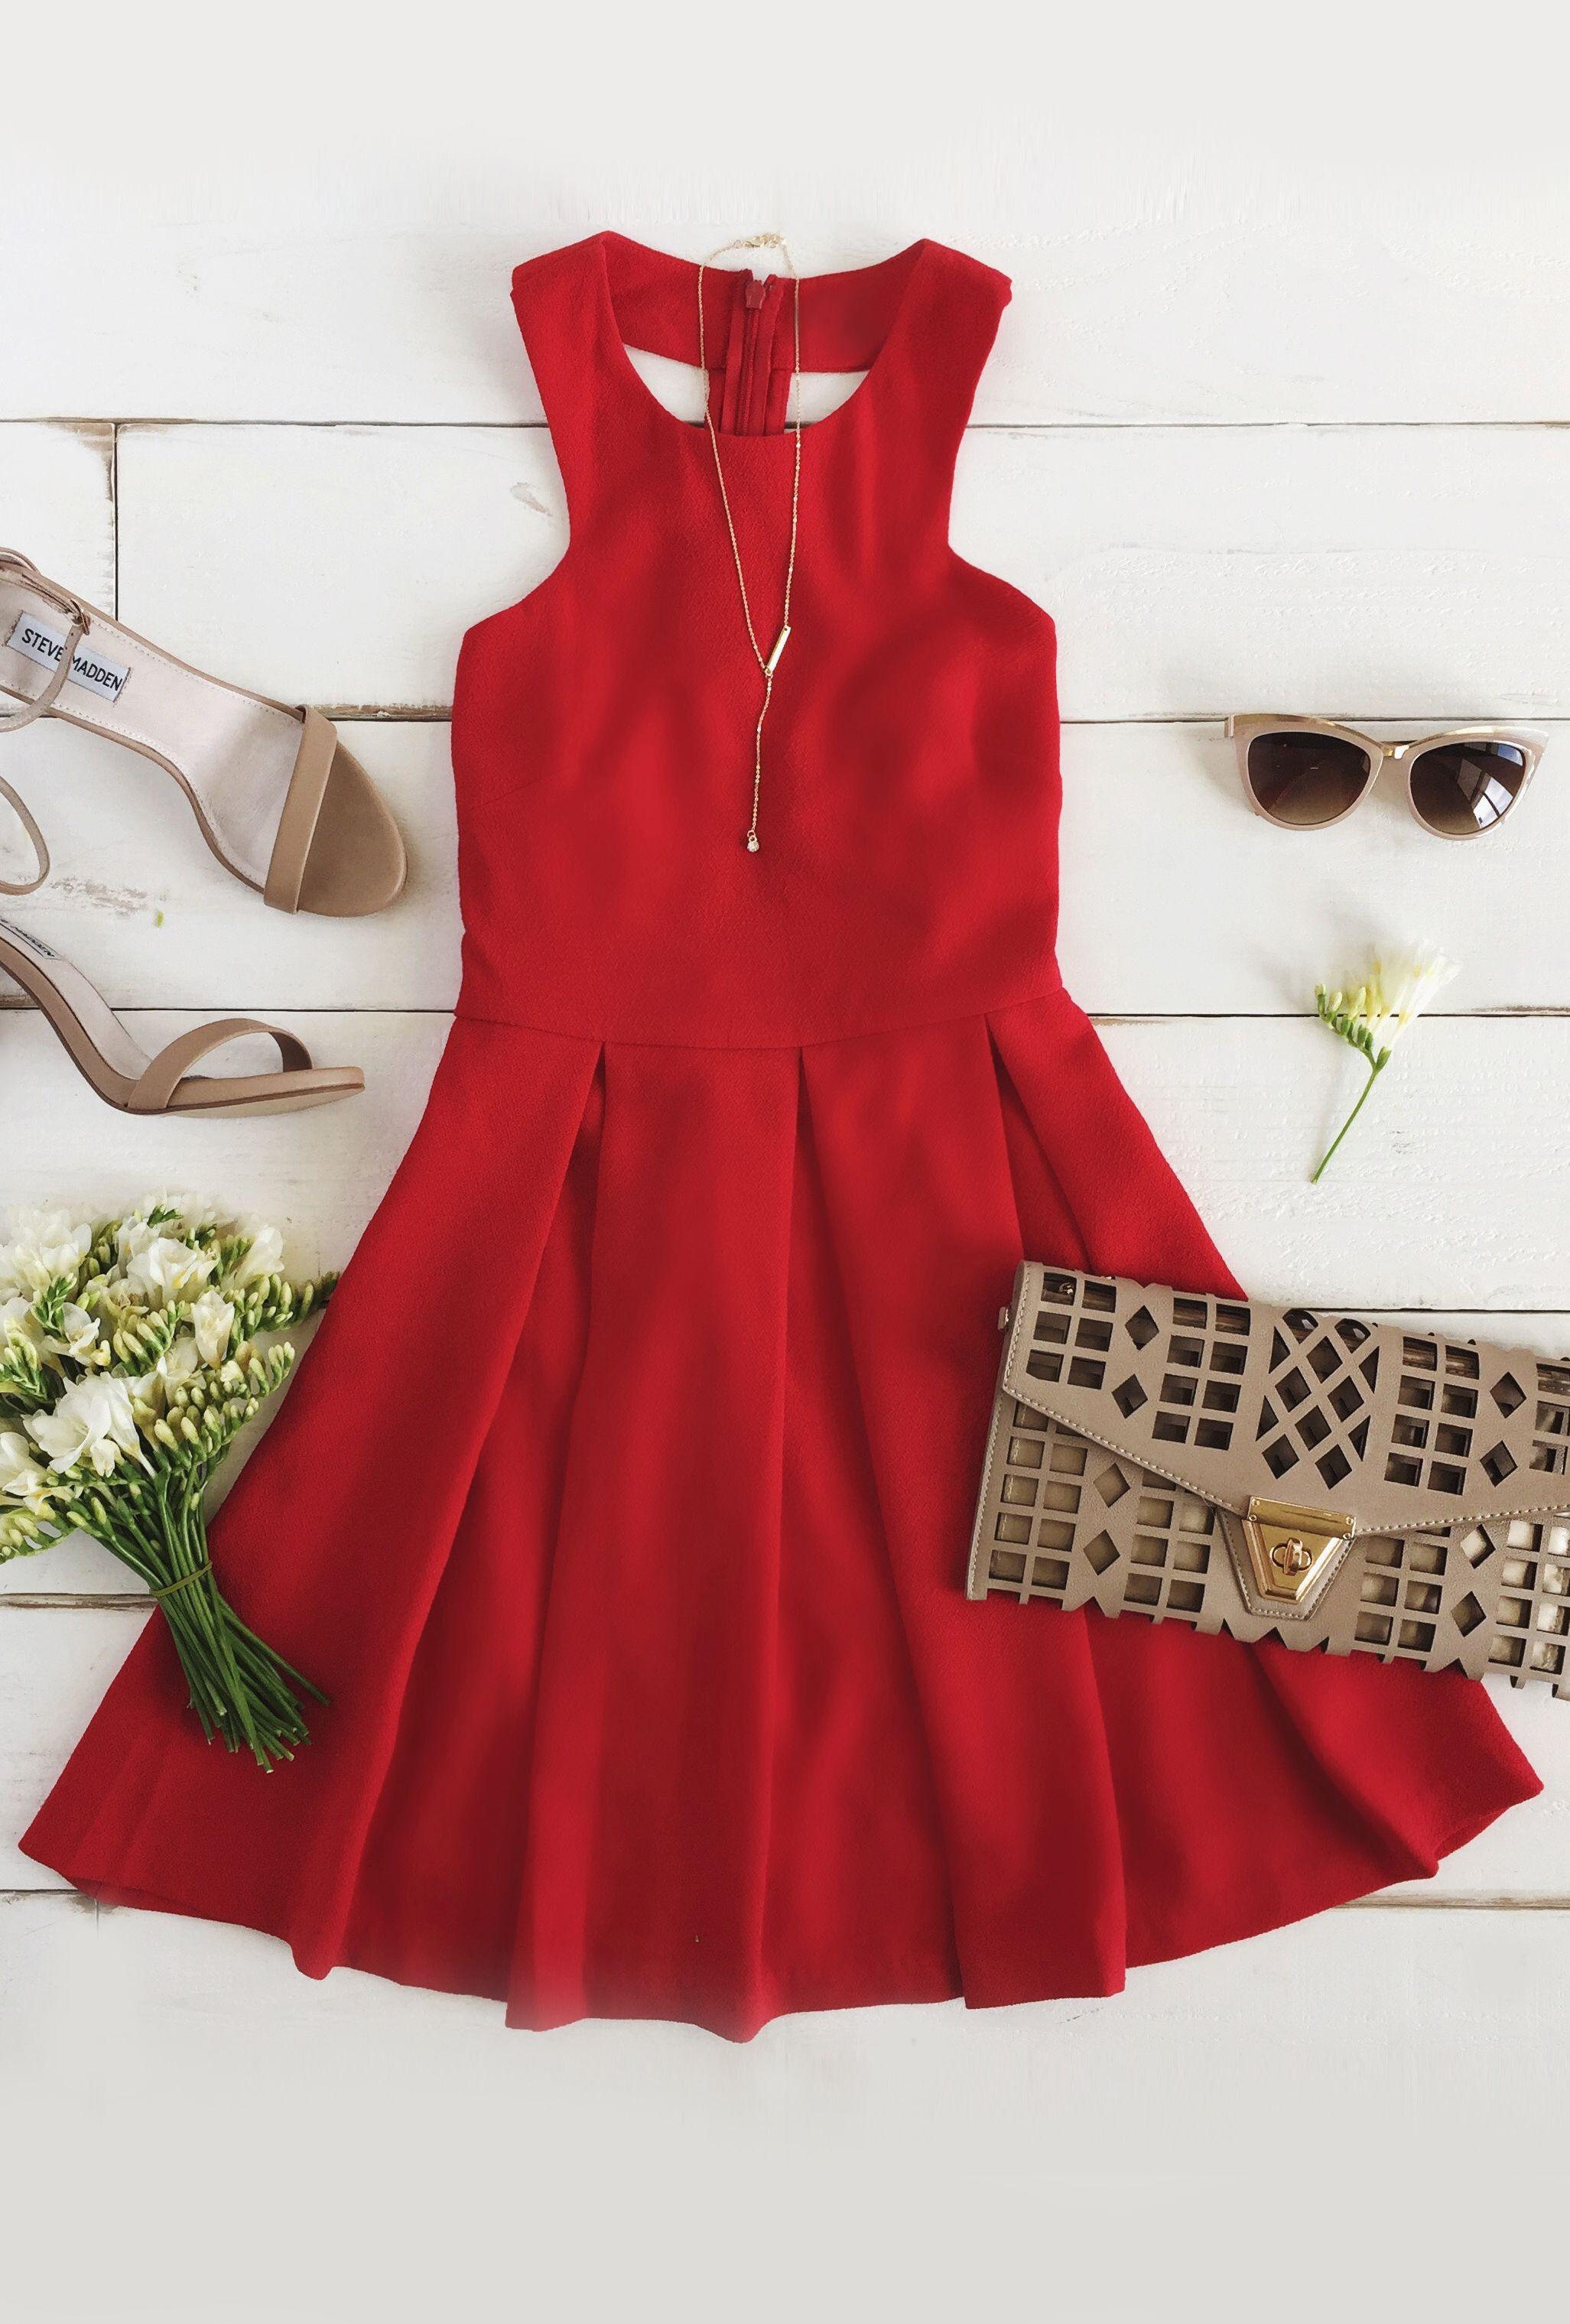 51dff2133cd8 Mission Com-pleat Red Dress